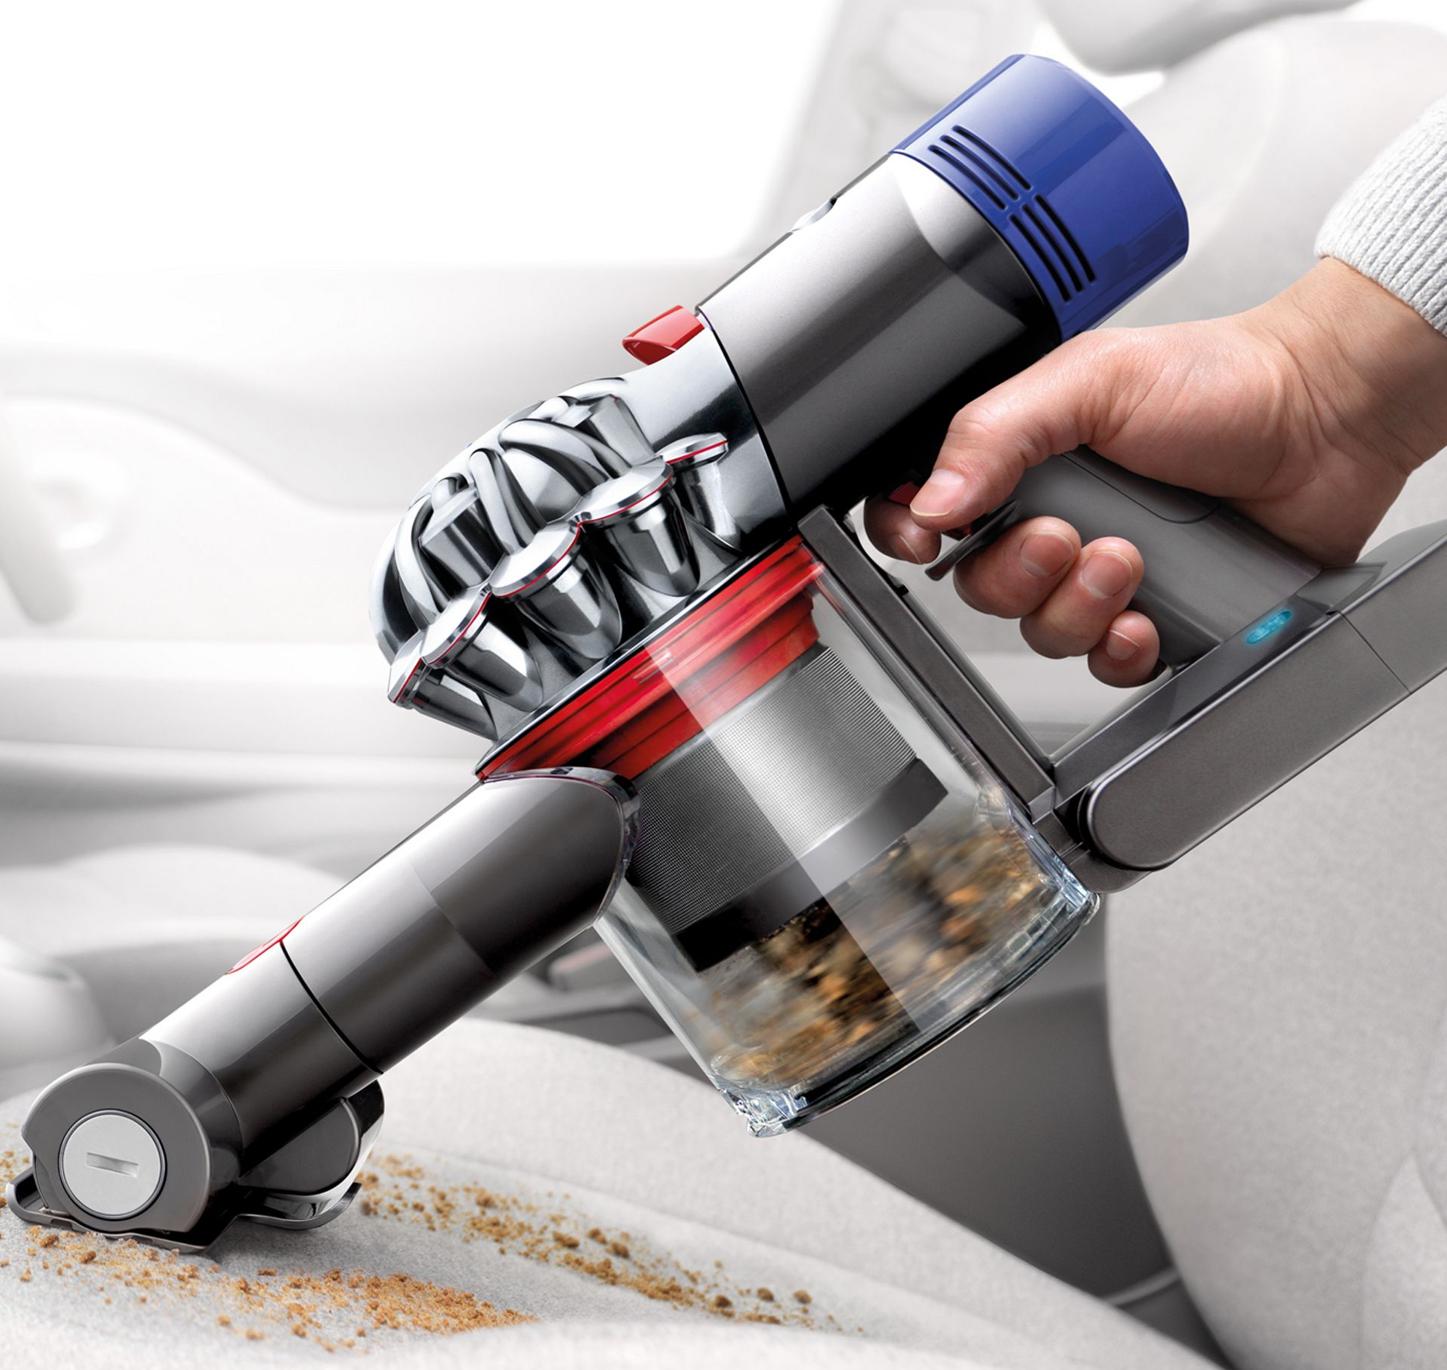 Купить пылесос дайсон с аккумулятором dyson digital slim пылесос отзывы